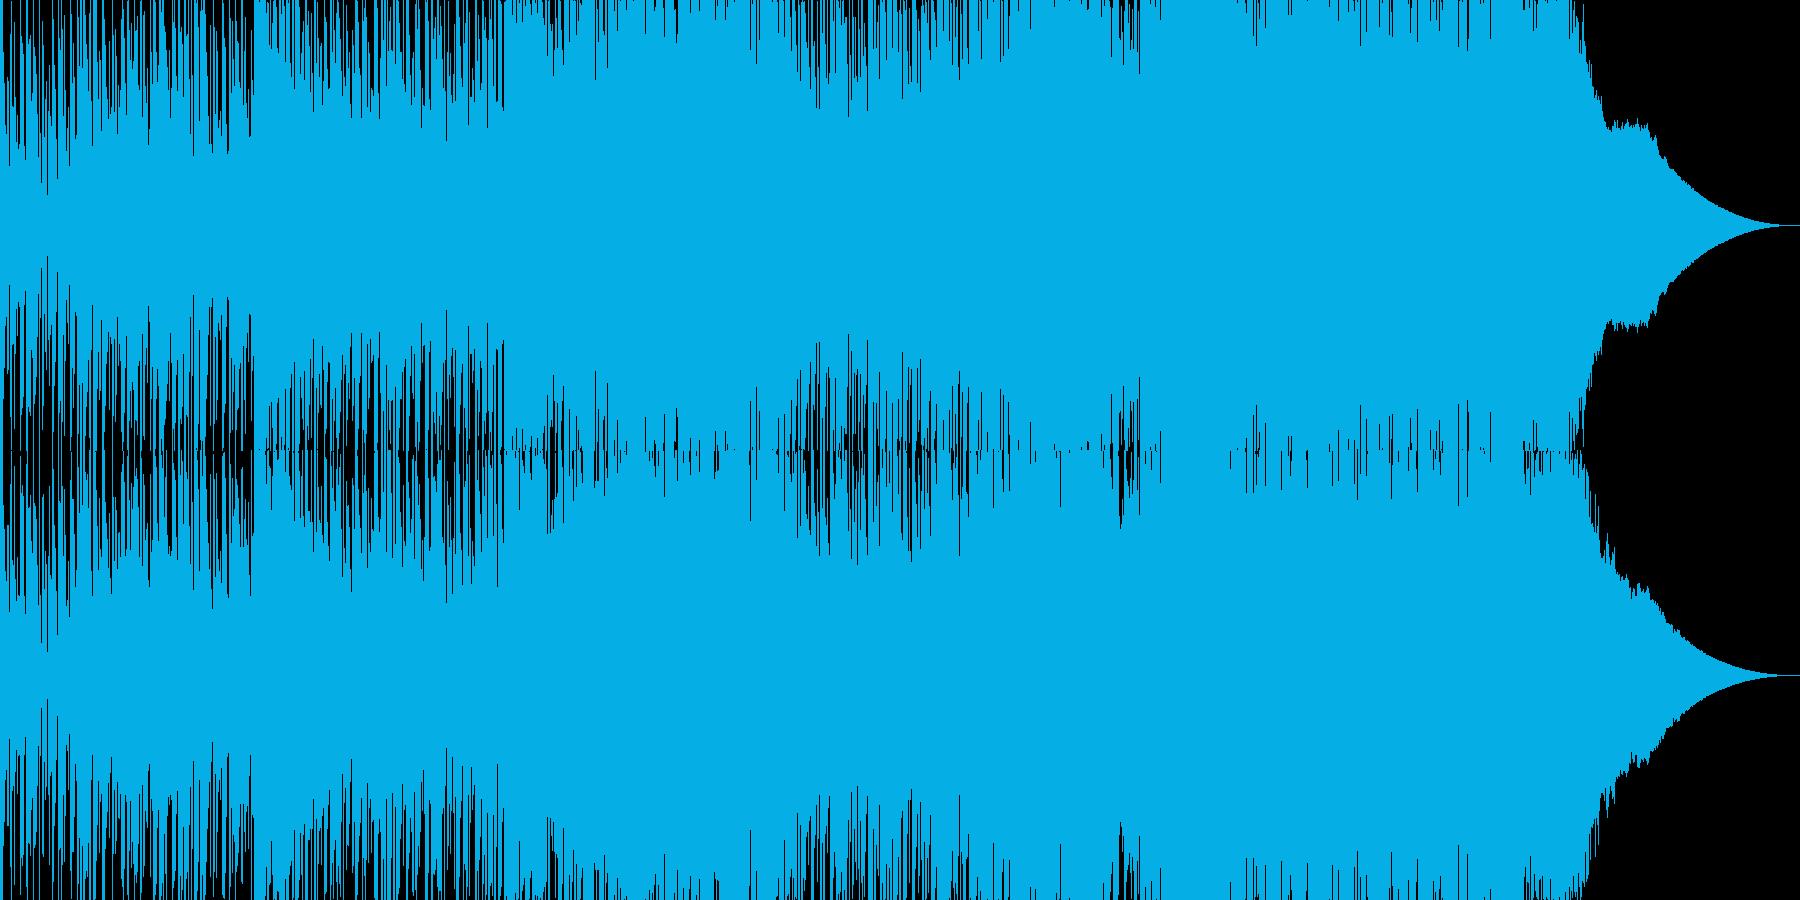 ドラムループのアンビエントなテクノの再生済みの波形